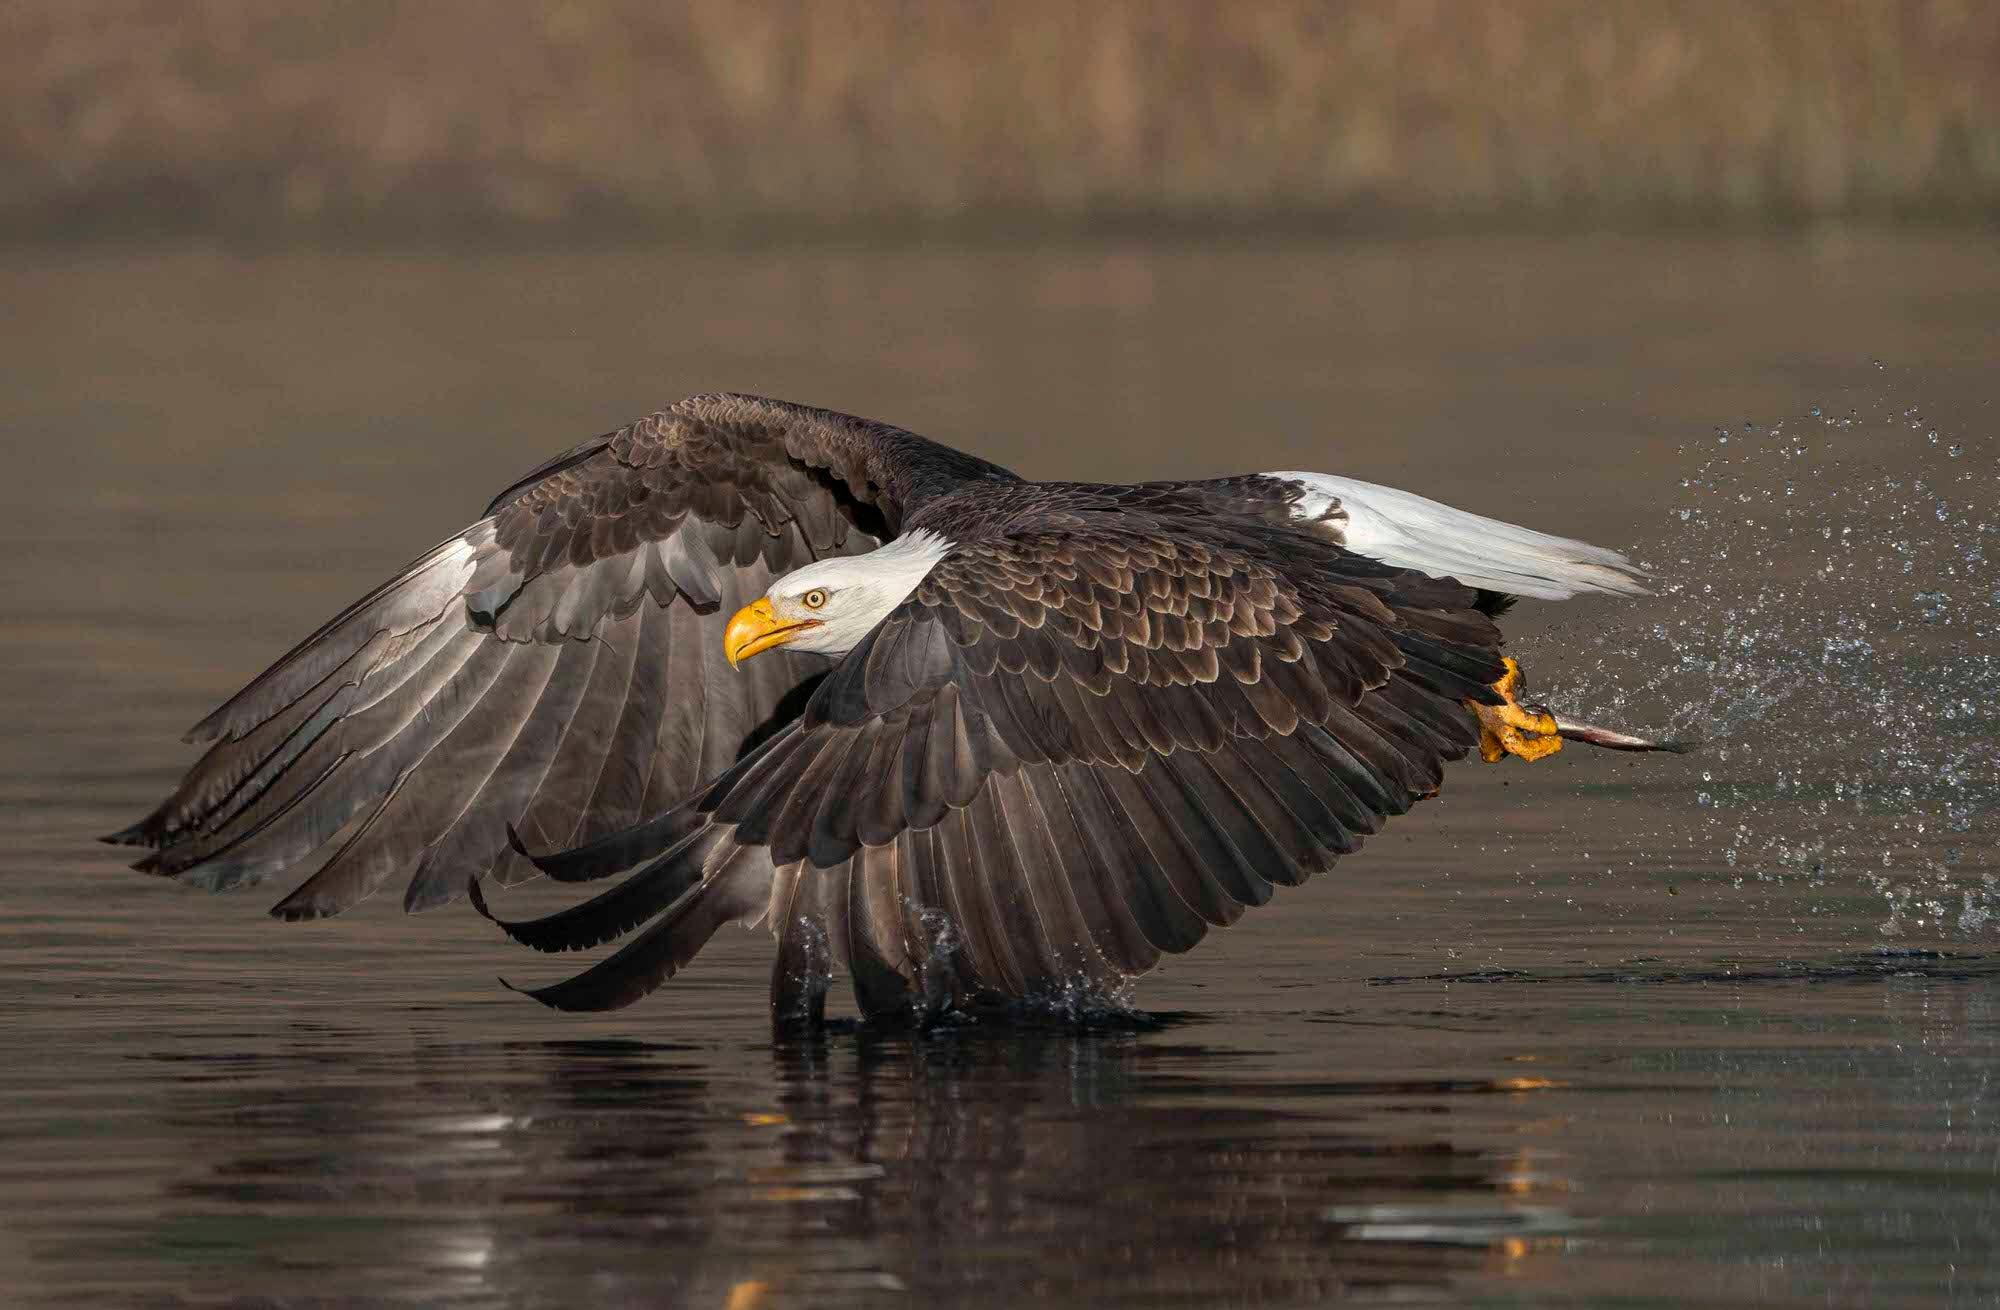 Alpha-Universe-photo-by-Martha-A-Hidalgo-eaglefishing.jpg